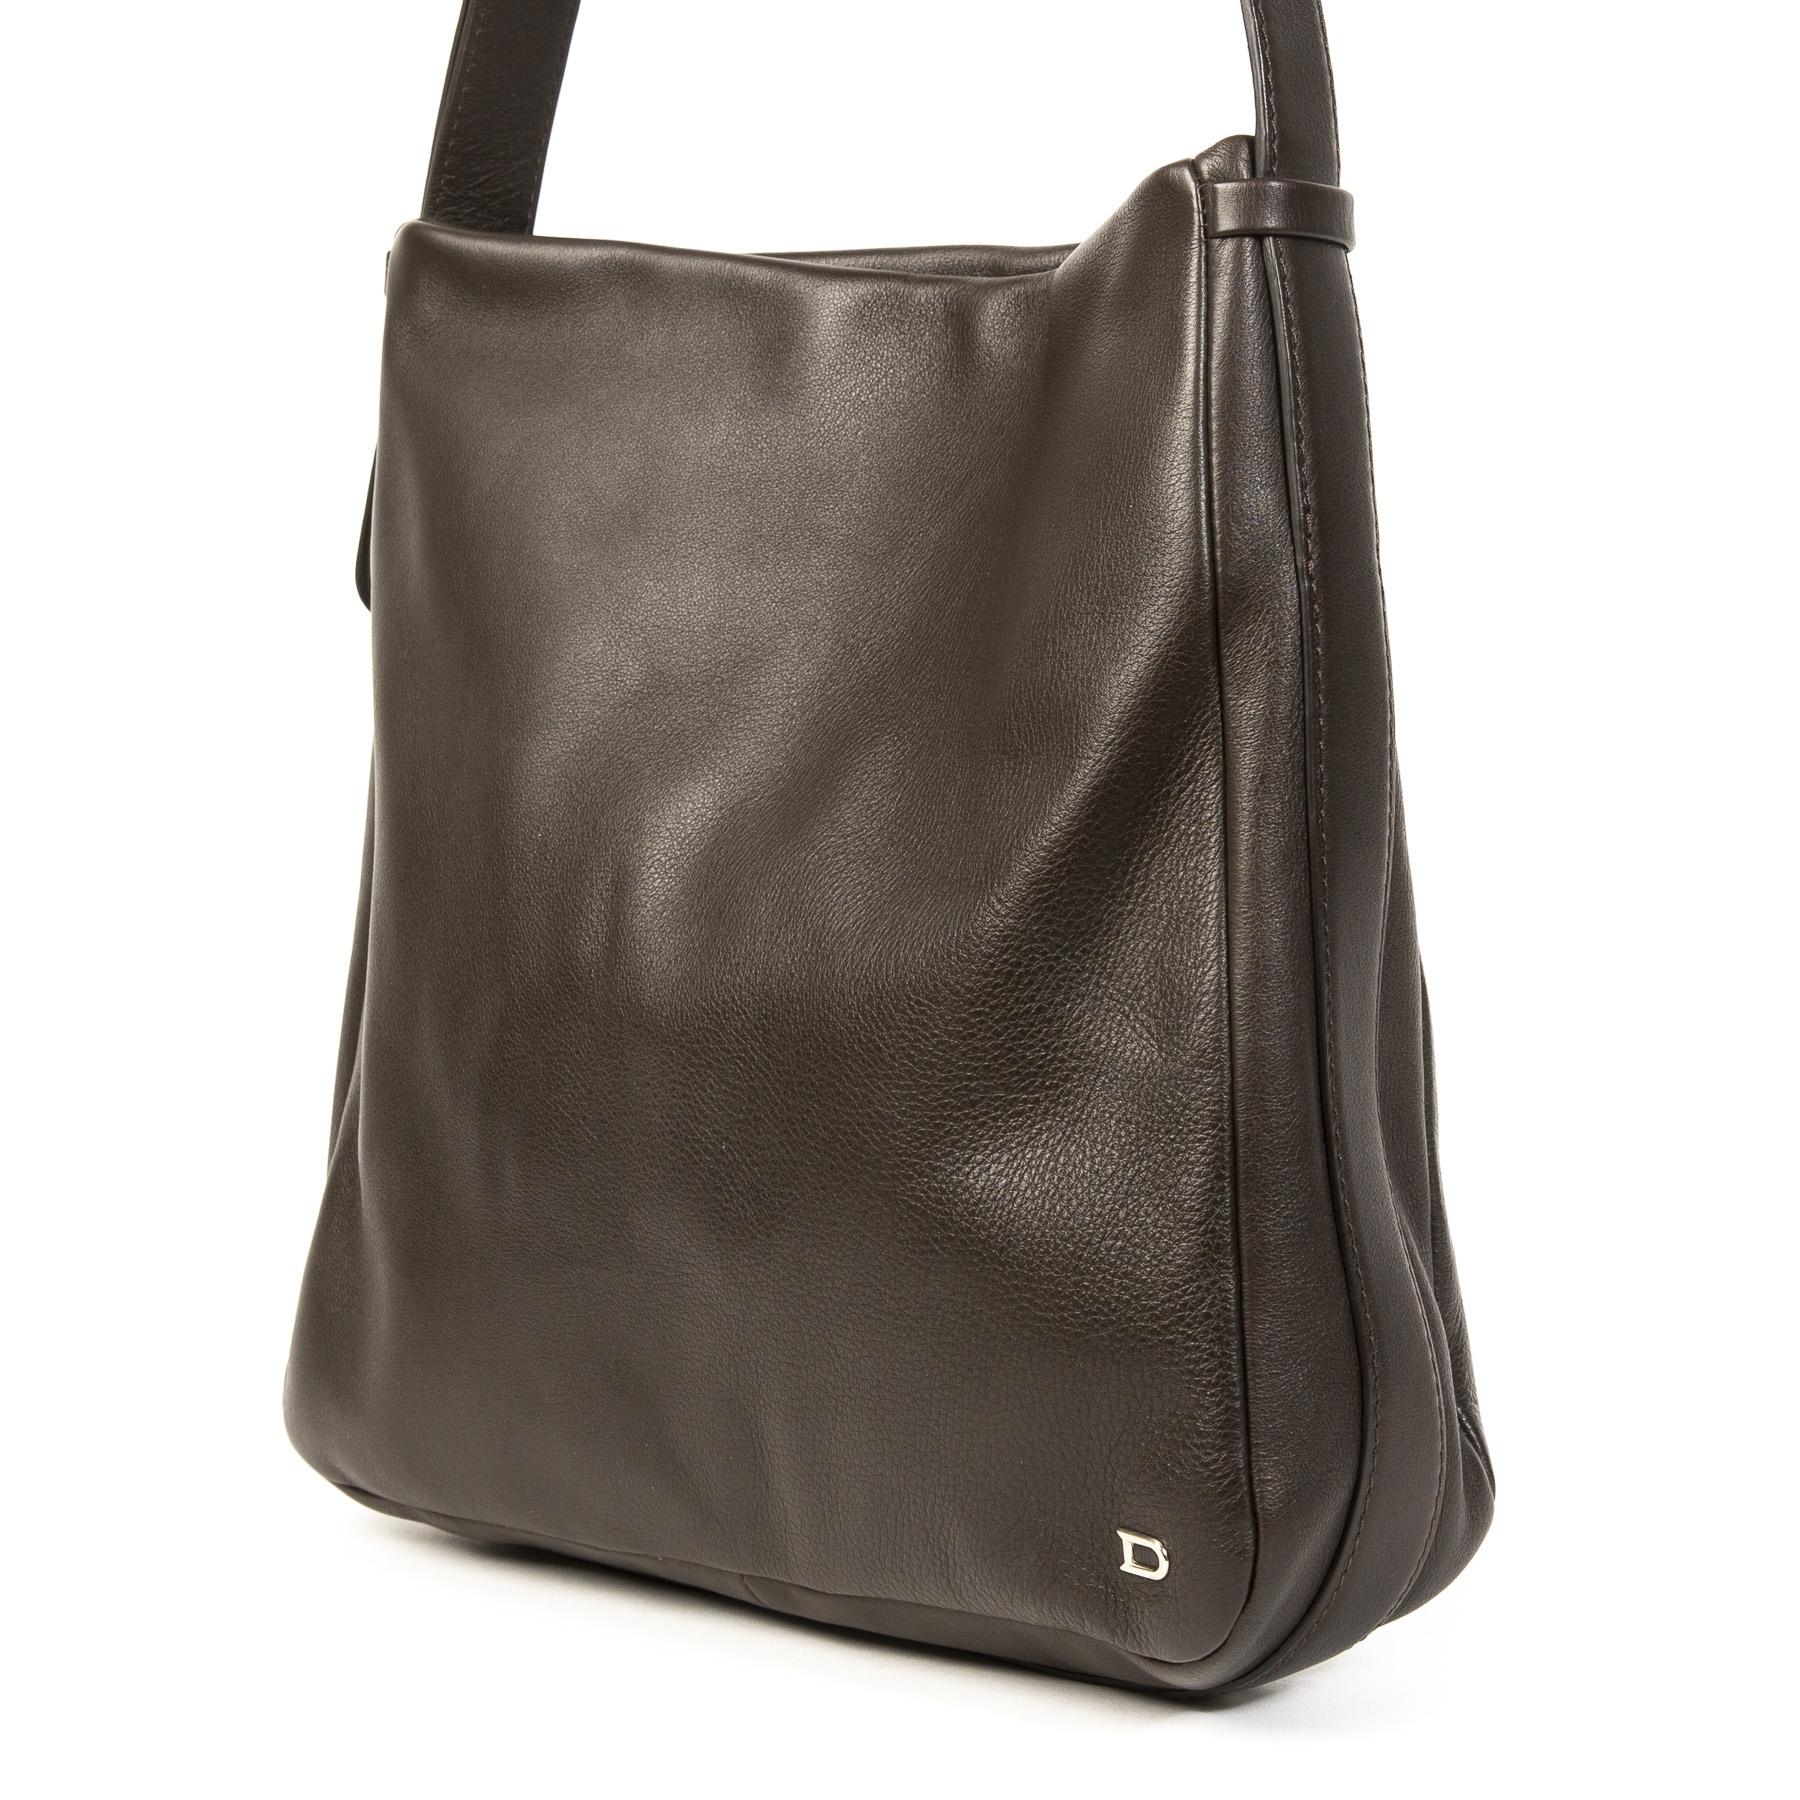 Koop uw authentieke designer handtassen aan de beste prijs bij Labellov tweedehands luxe